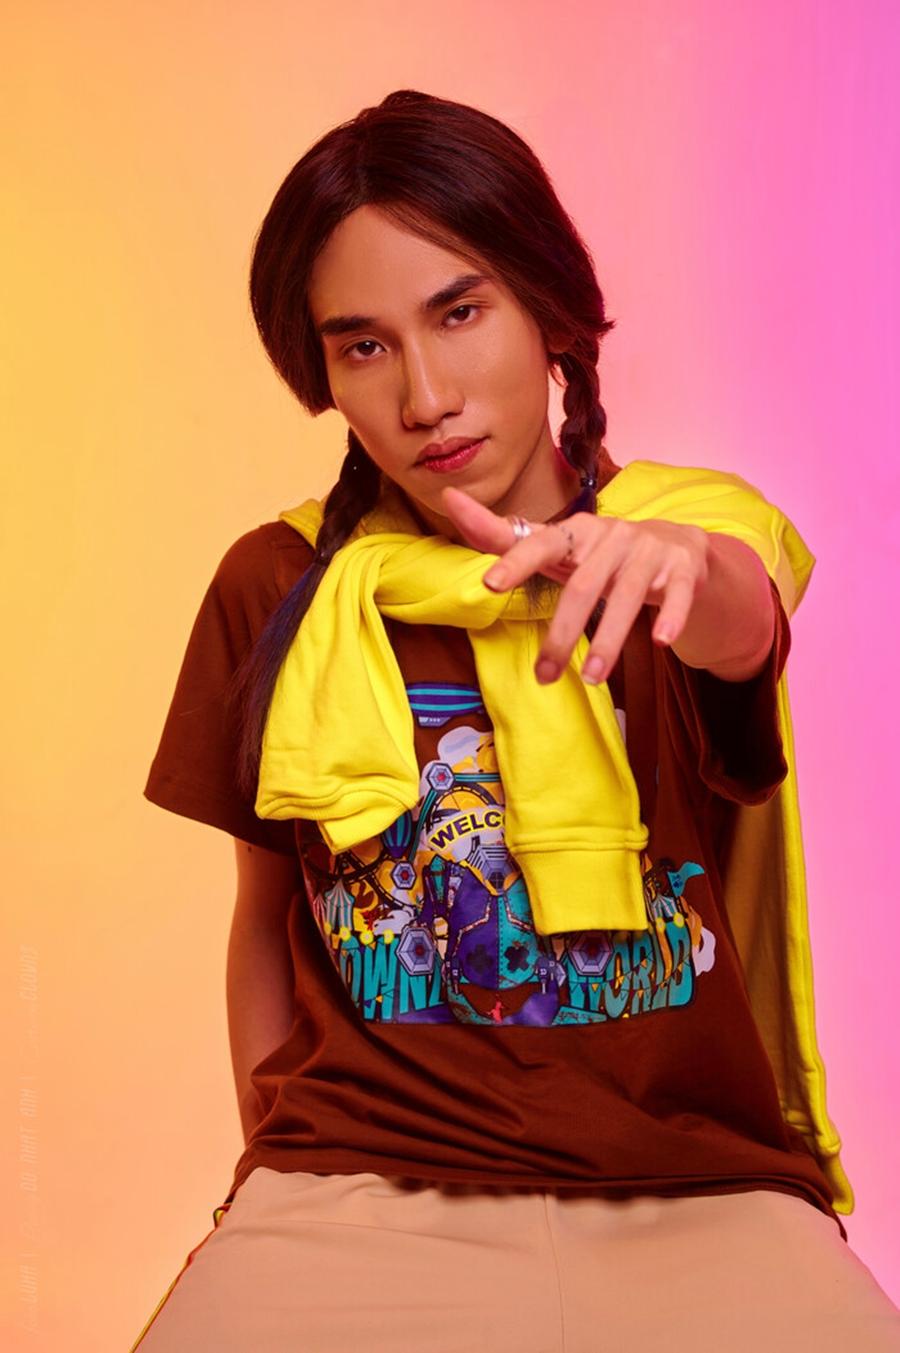 Rapper Chị Cả - chủ nhân ca khúc Censored - tên thật là Đinh Thanh Tùng, sinh năm 1994. Anh từng tham gia show King of Rap và Rap Việt. Ảnh: KingofRap